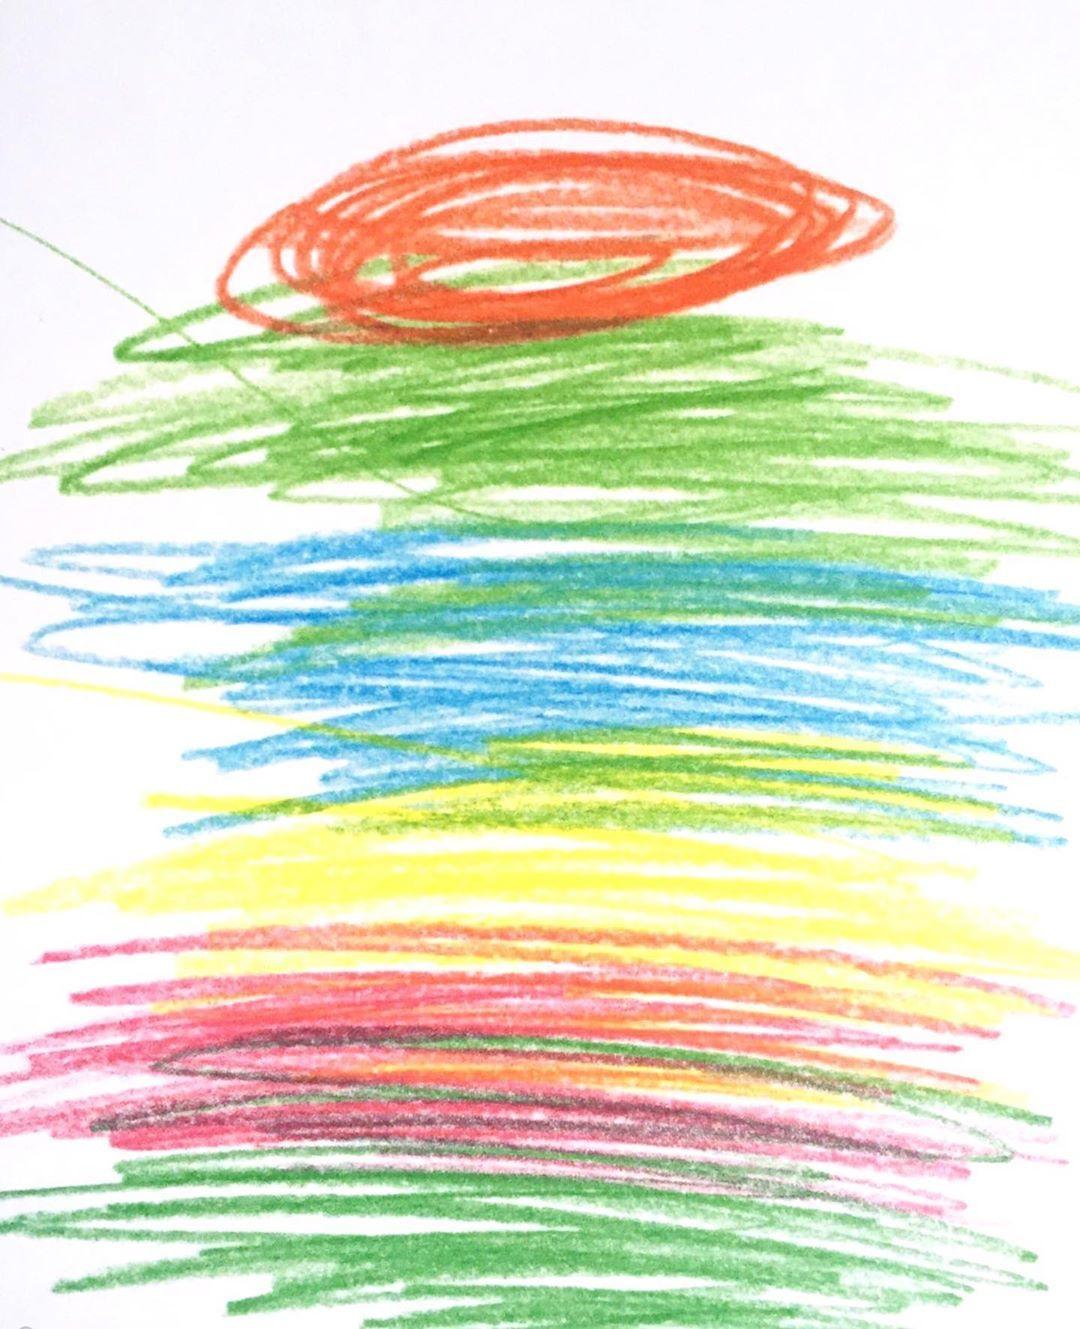 """Isabelle Jobard on Instagram: """"Alors, j'ai tout gribouillé, chaud comme l'été...ij #gribouillis #crayondecouleurs #color #drawing #pages #artistbooks #artistbookforkids…"""""""